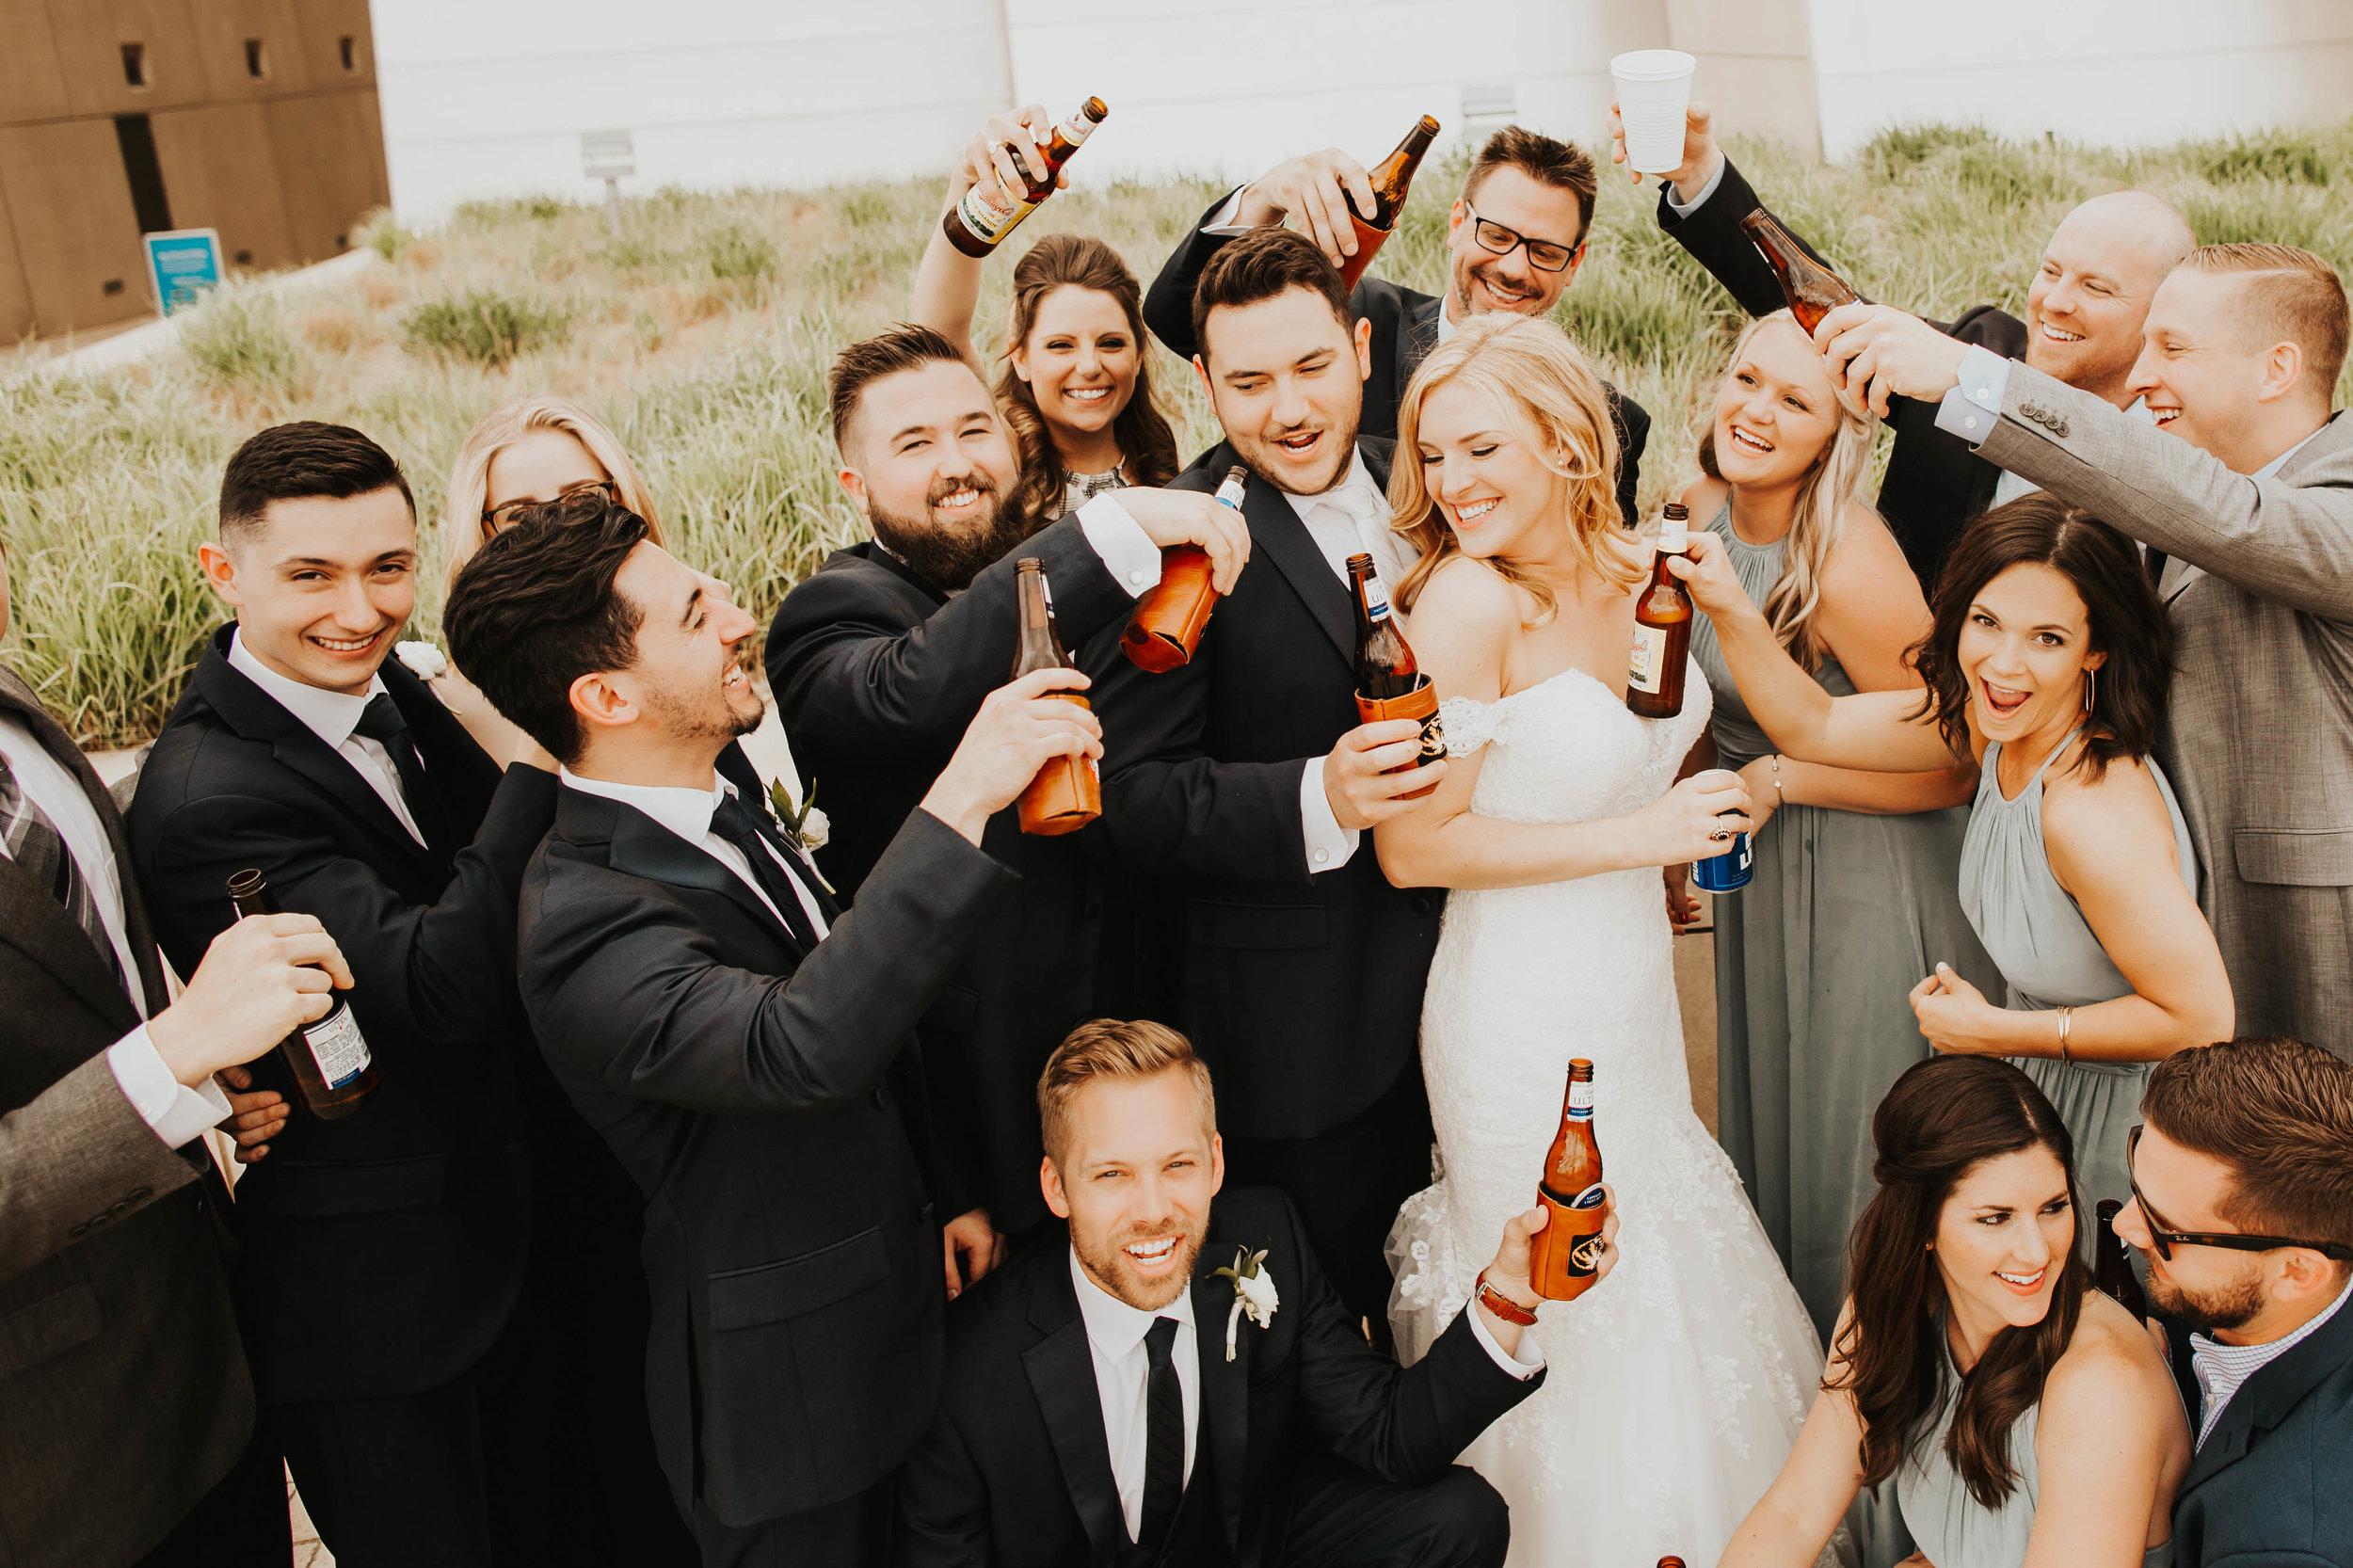 Bryce + Lauren Wedding Party Photos-31.jpg